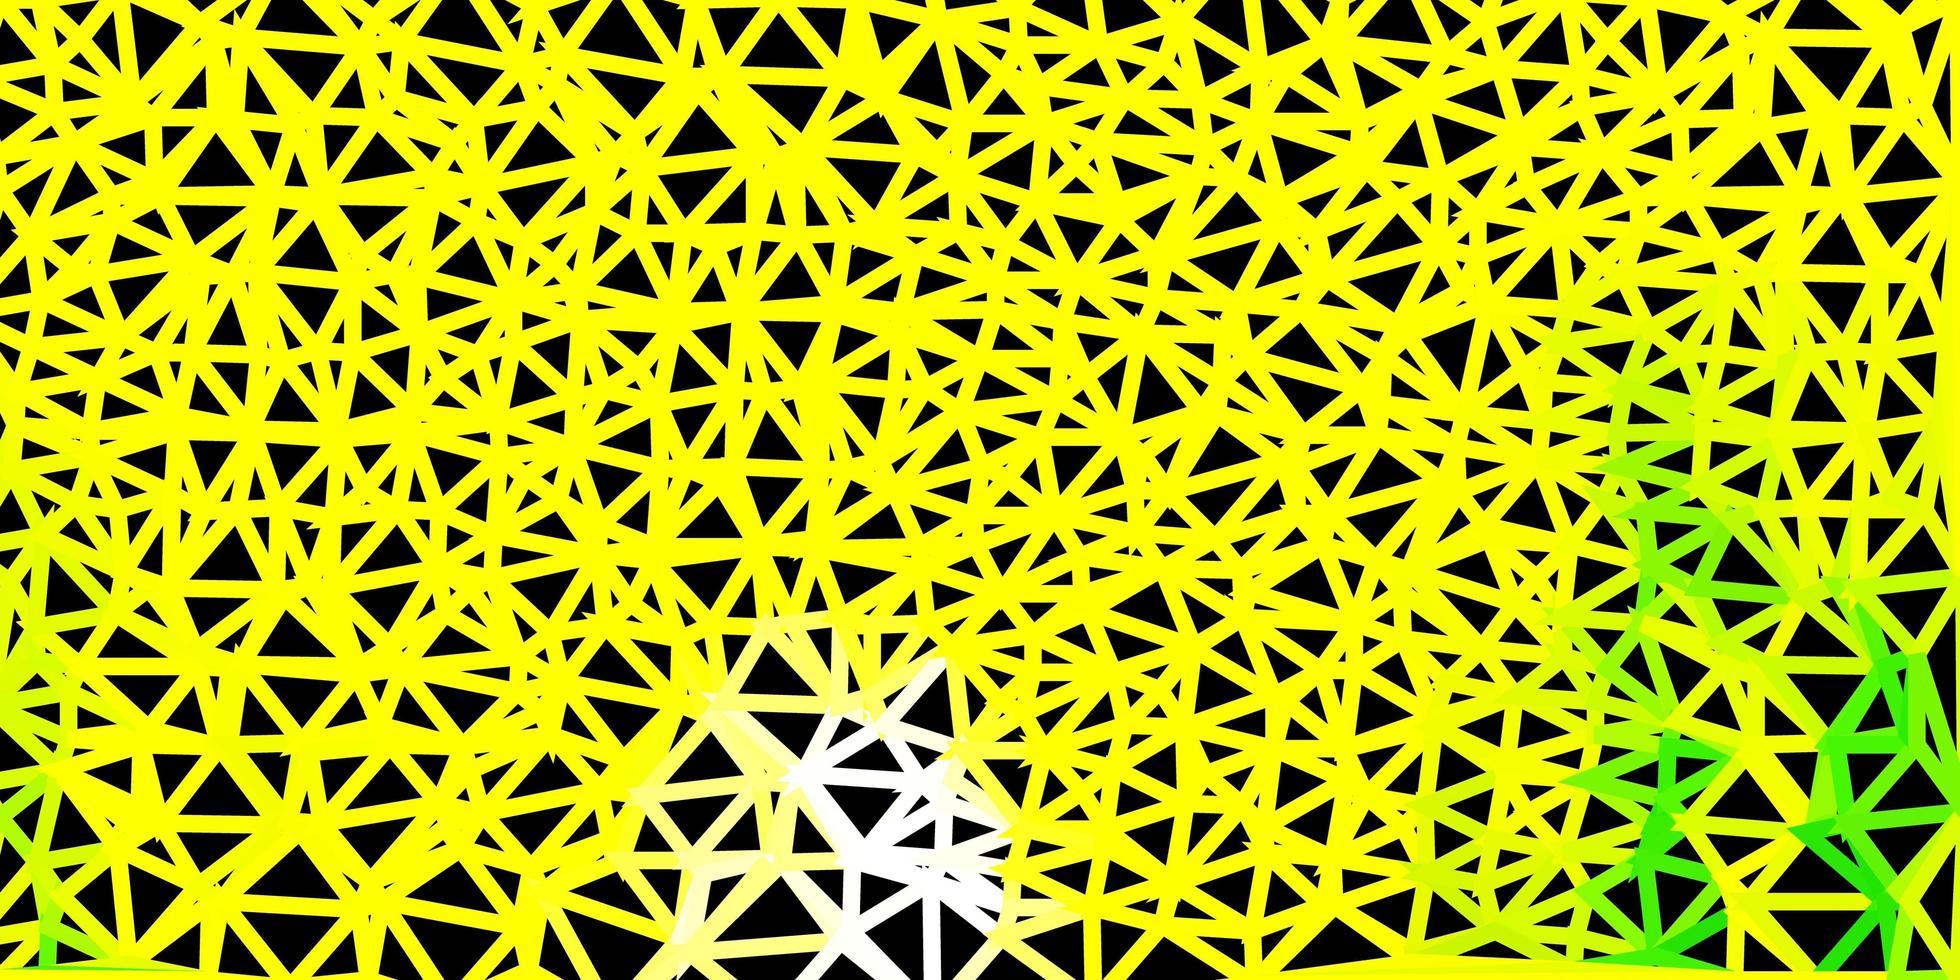 diseño poligonal geométrico verde claro, amarillo del vector. vector